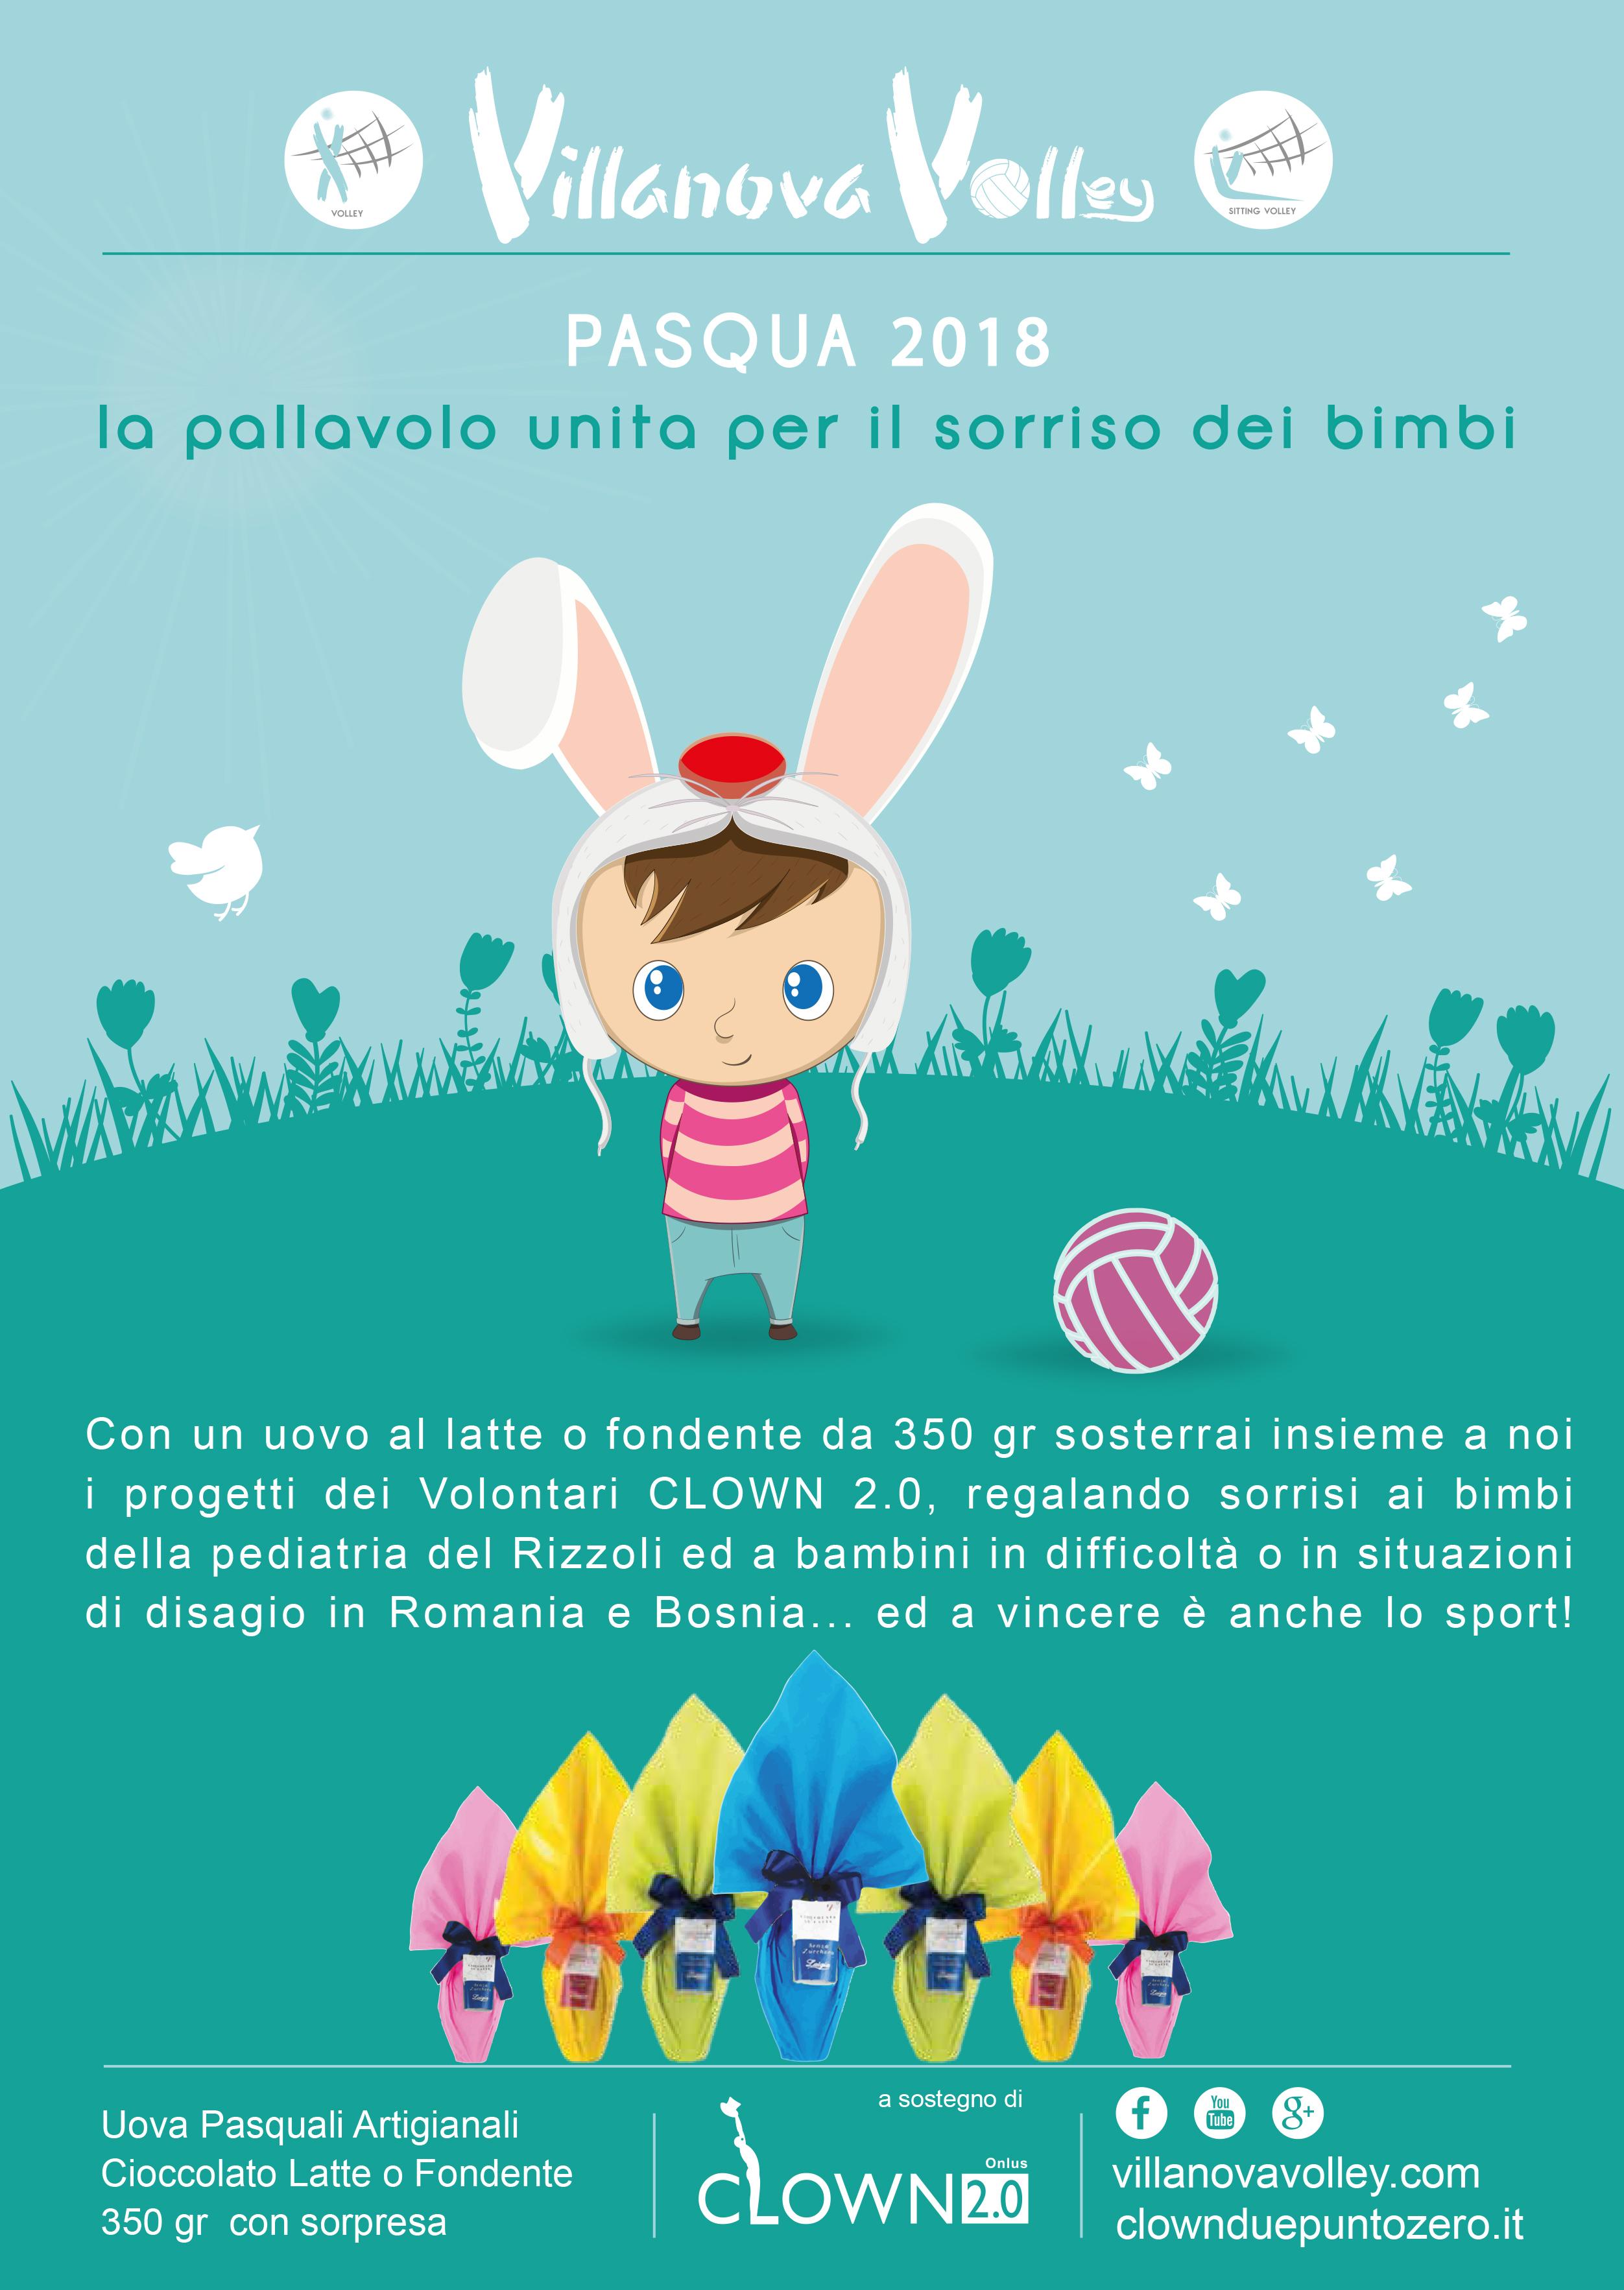 Campagna Di Pasqua 2018 A Favore Dei Clown 2.0 Per Bambini In Difficoltà E Di Disagio